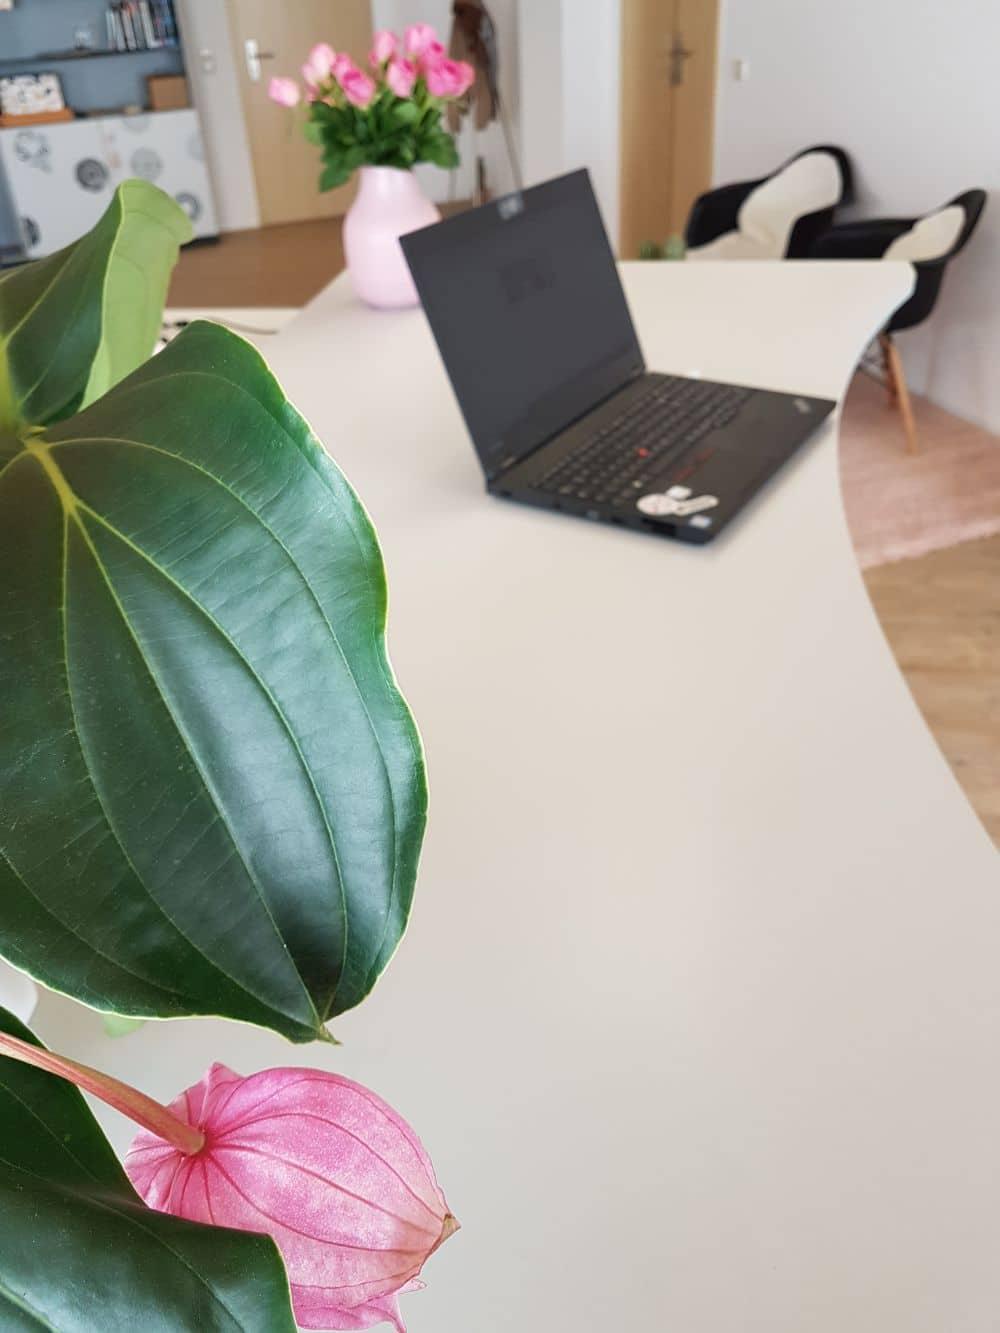 Bürovermietung Praxis Cowork